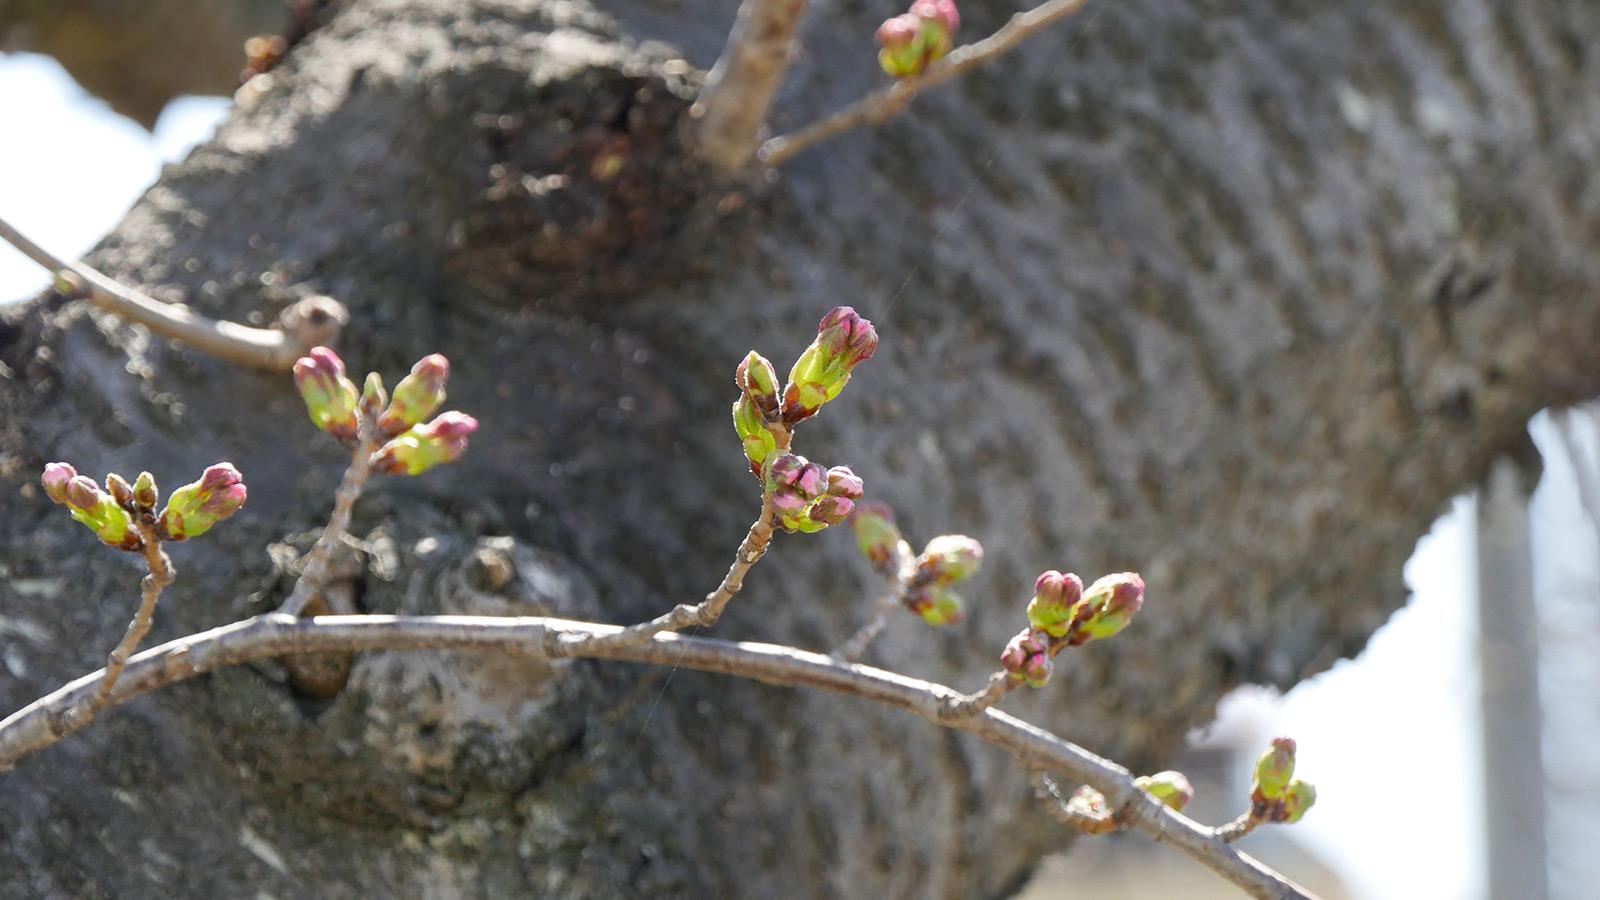 桜並木西側に位置するいで湯桜です。周辺でも蕾が進んでおり、この木の中で一番進んでいそうな蕾です。